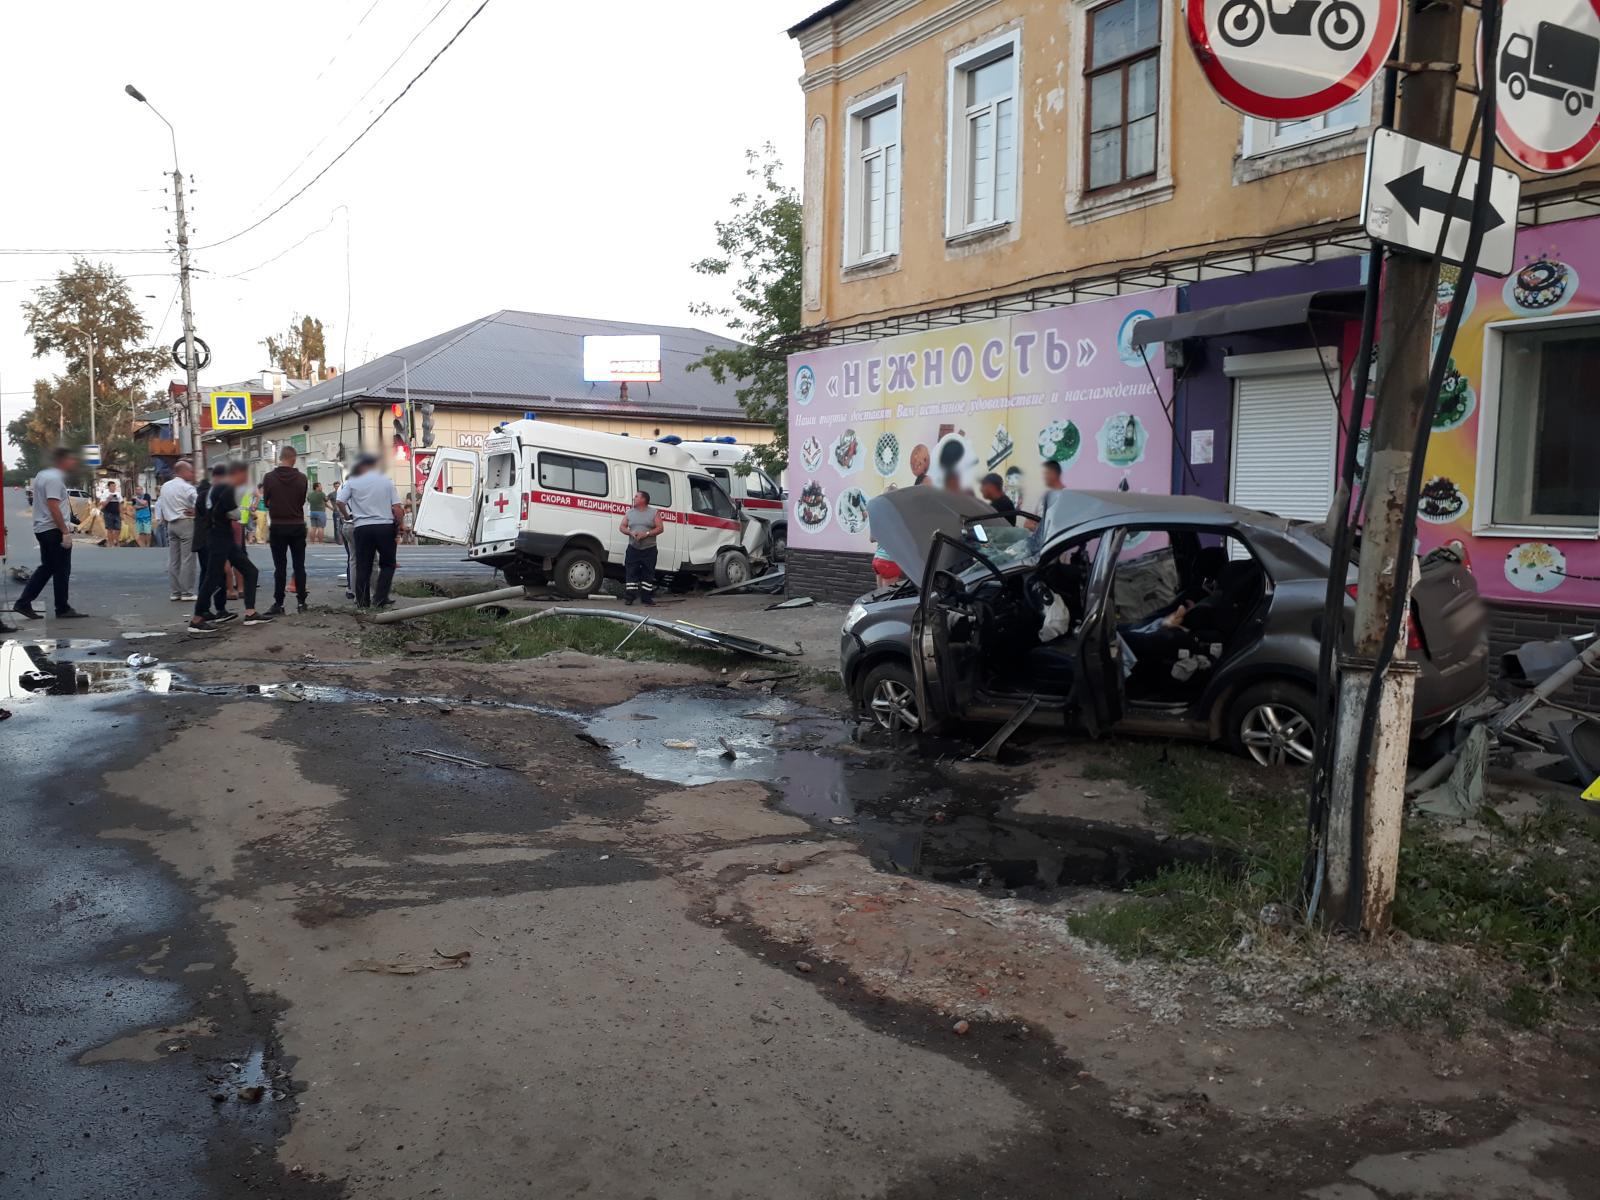 В Тамбовской области 17 июня в городе Моршанске в 19.09 часов вечера на перекрёстке улиц Интернациональная-Ленина произошло ДТП с участием скорой помощи. В результате погибла 35-летняя фельдшер, ещё несколько человек пострадали. Об этом сообщила пресс-служба Госавтоинспекции региона.